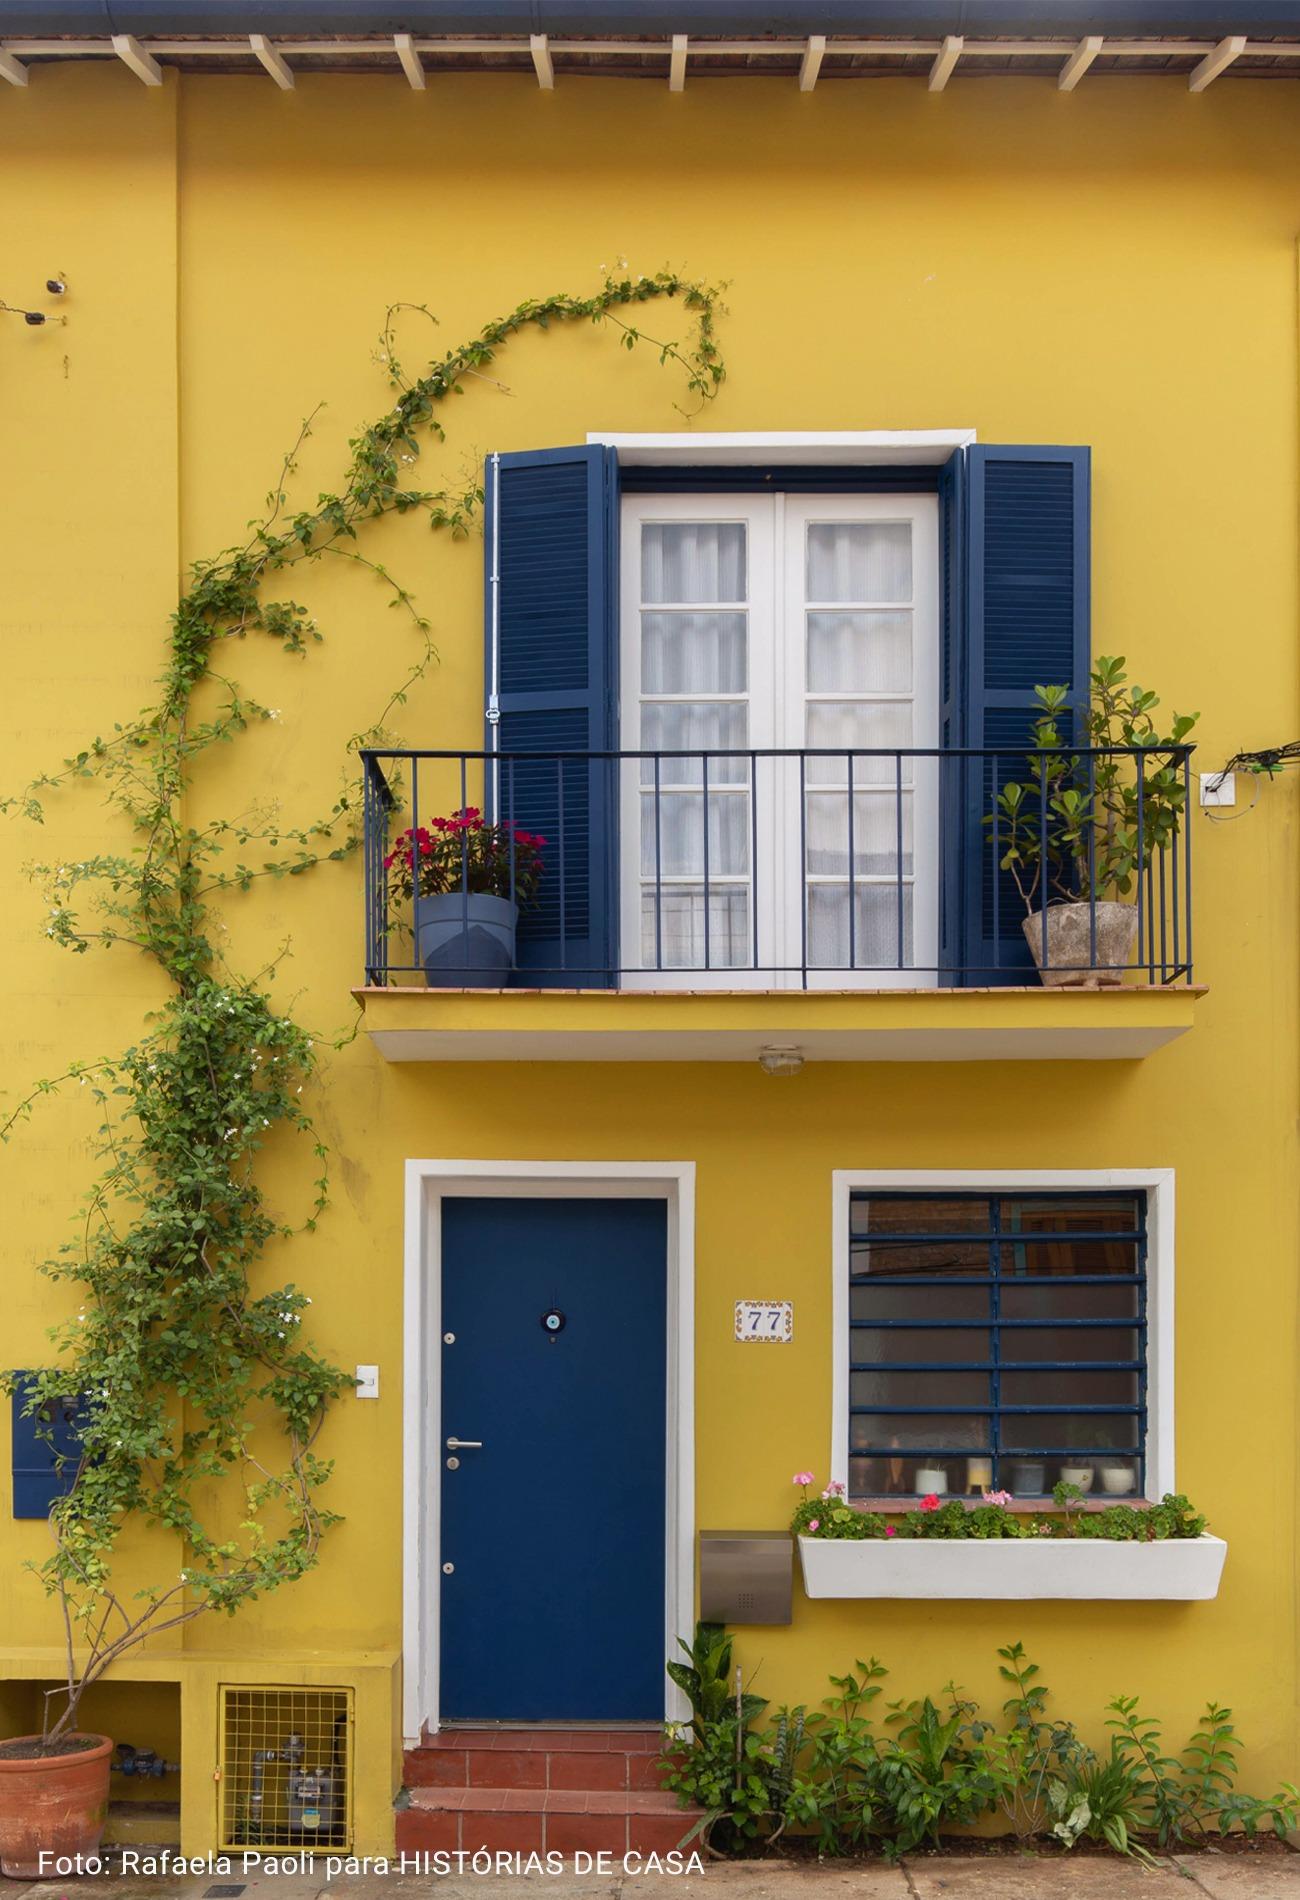 fachada amarela com folhagem invadindo